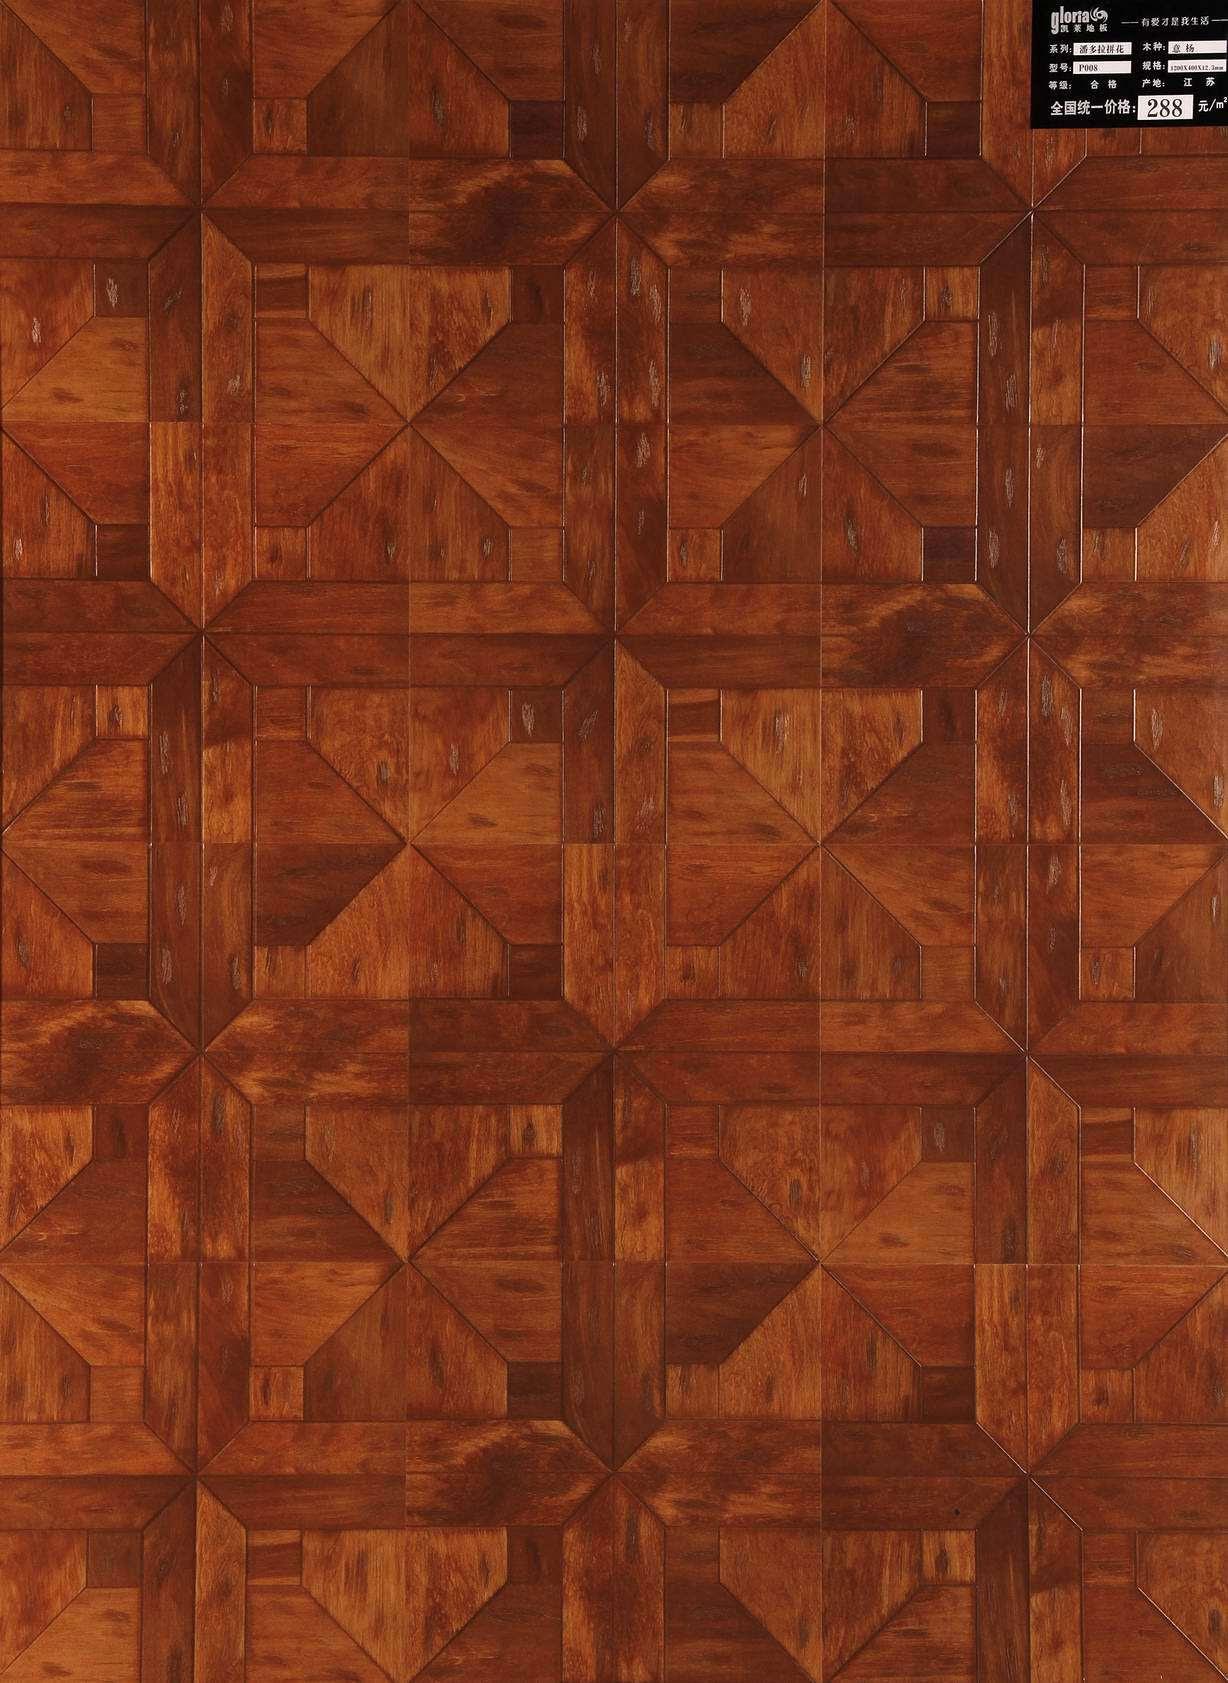 China Parquet Flooring (P008) - large image for Parquet